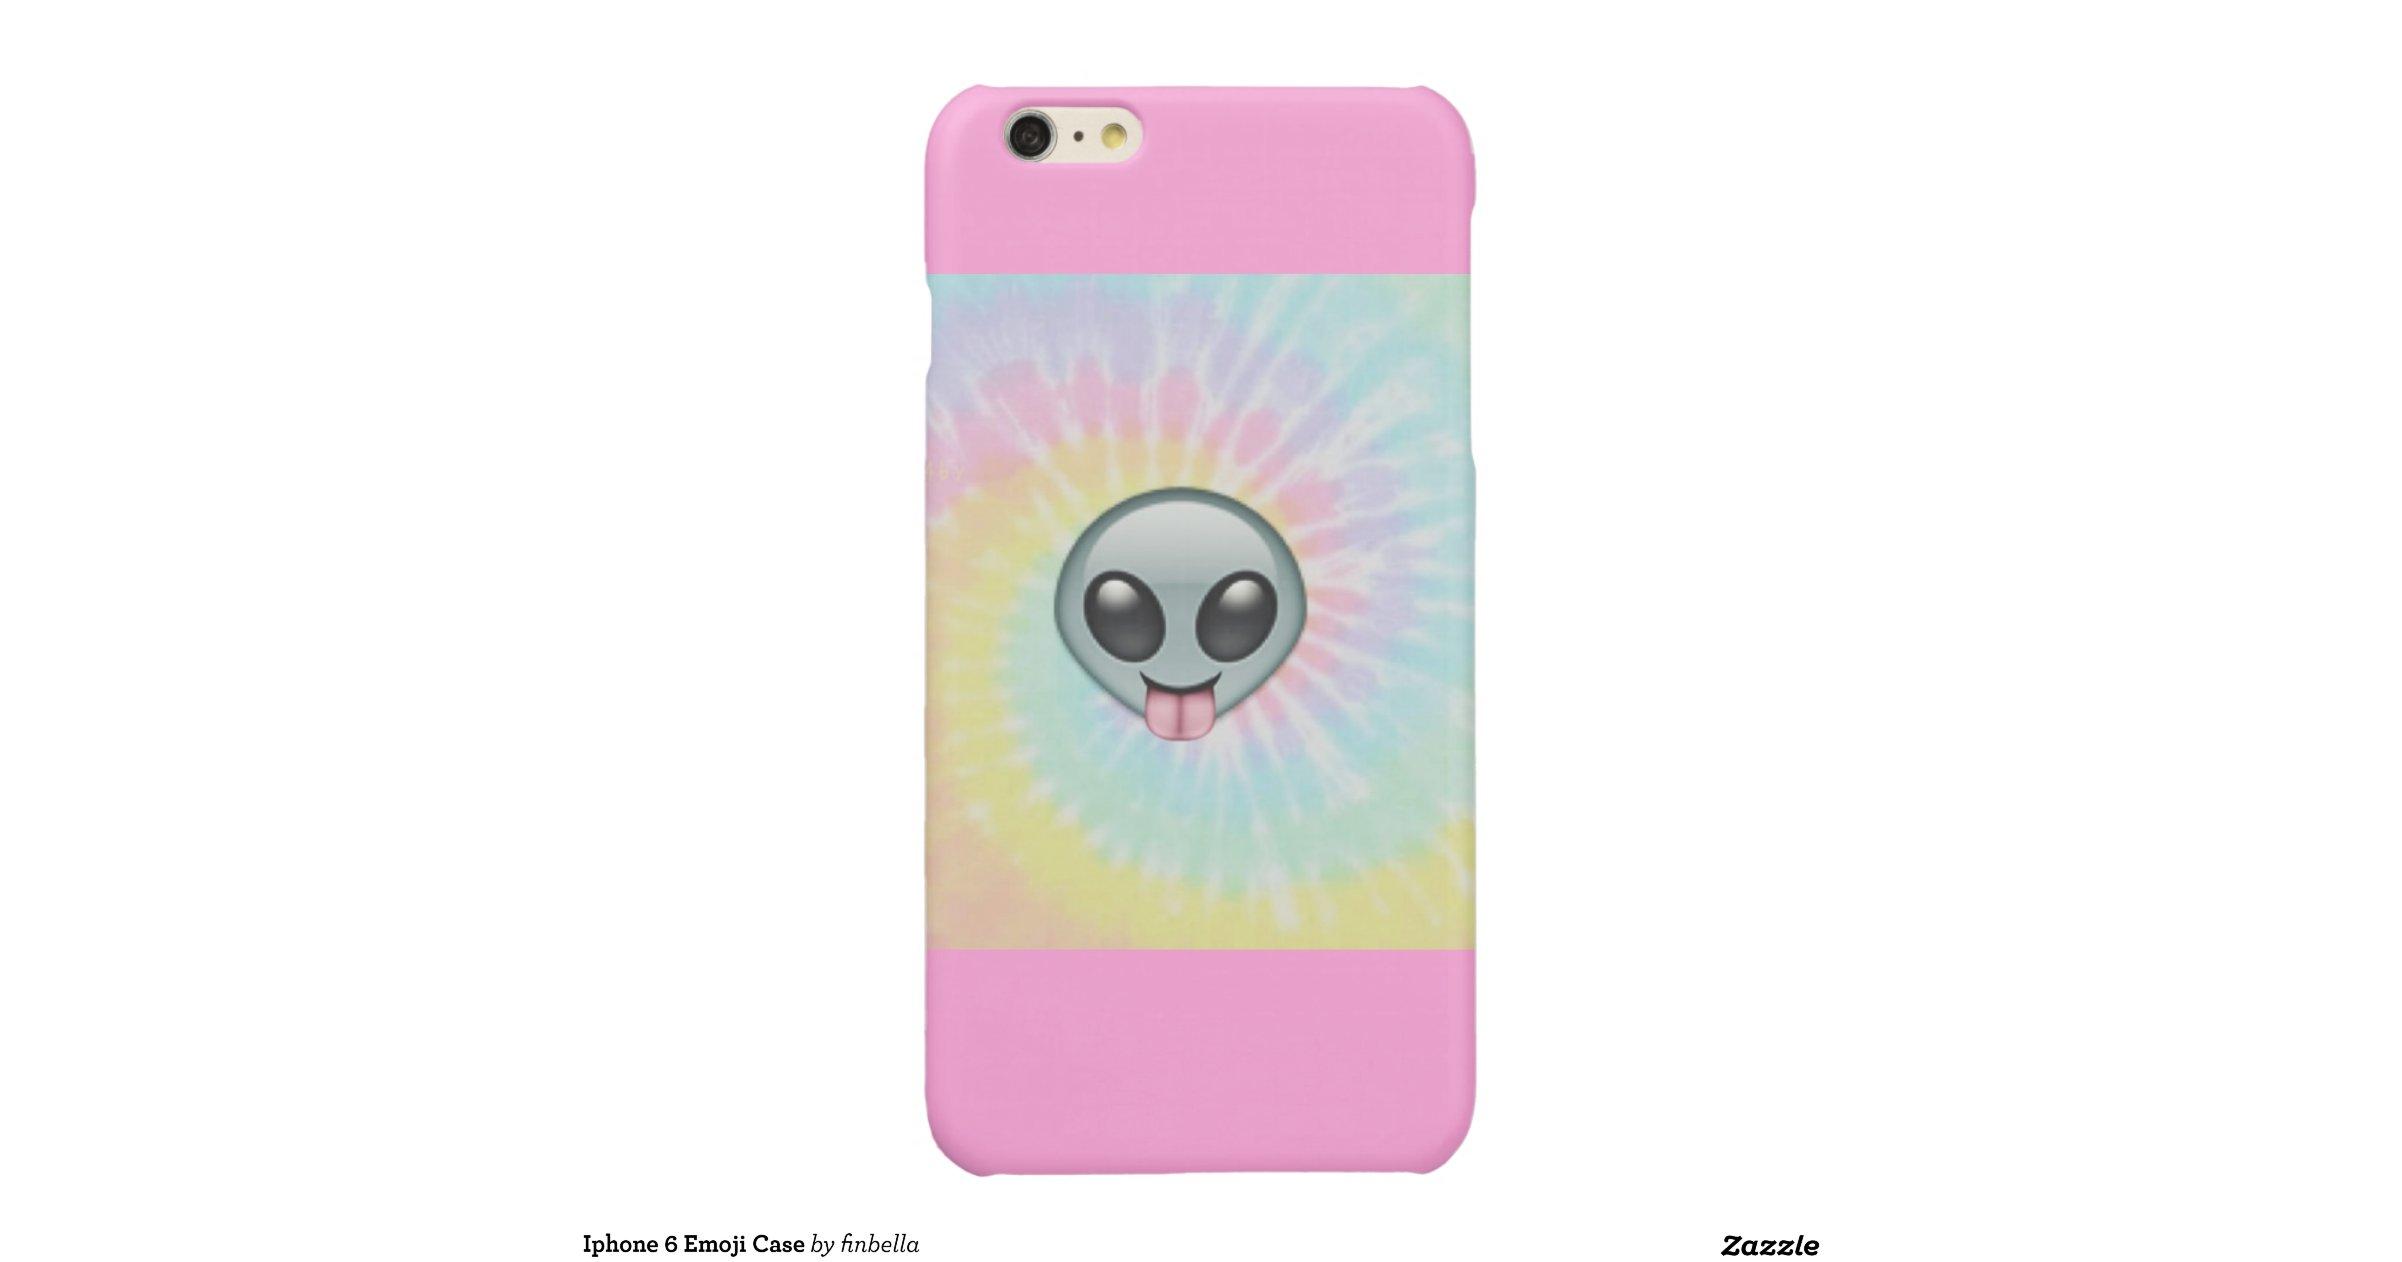 Iphone 6 Emoji Case | Zazzle